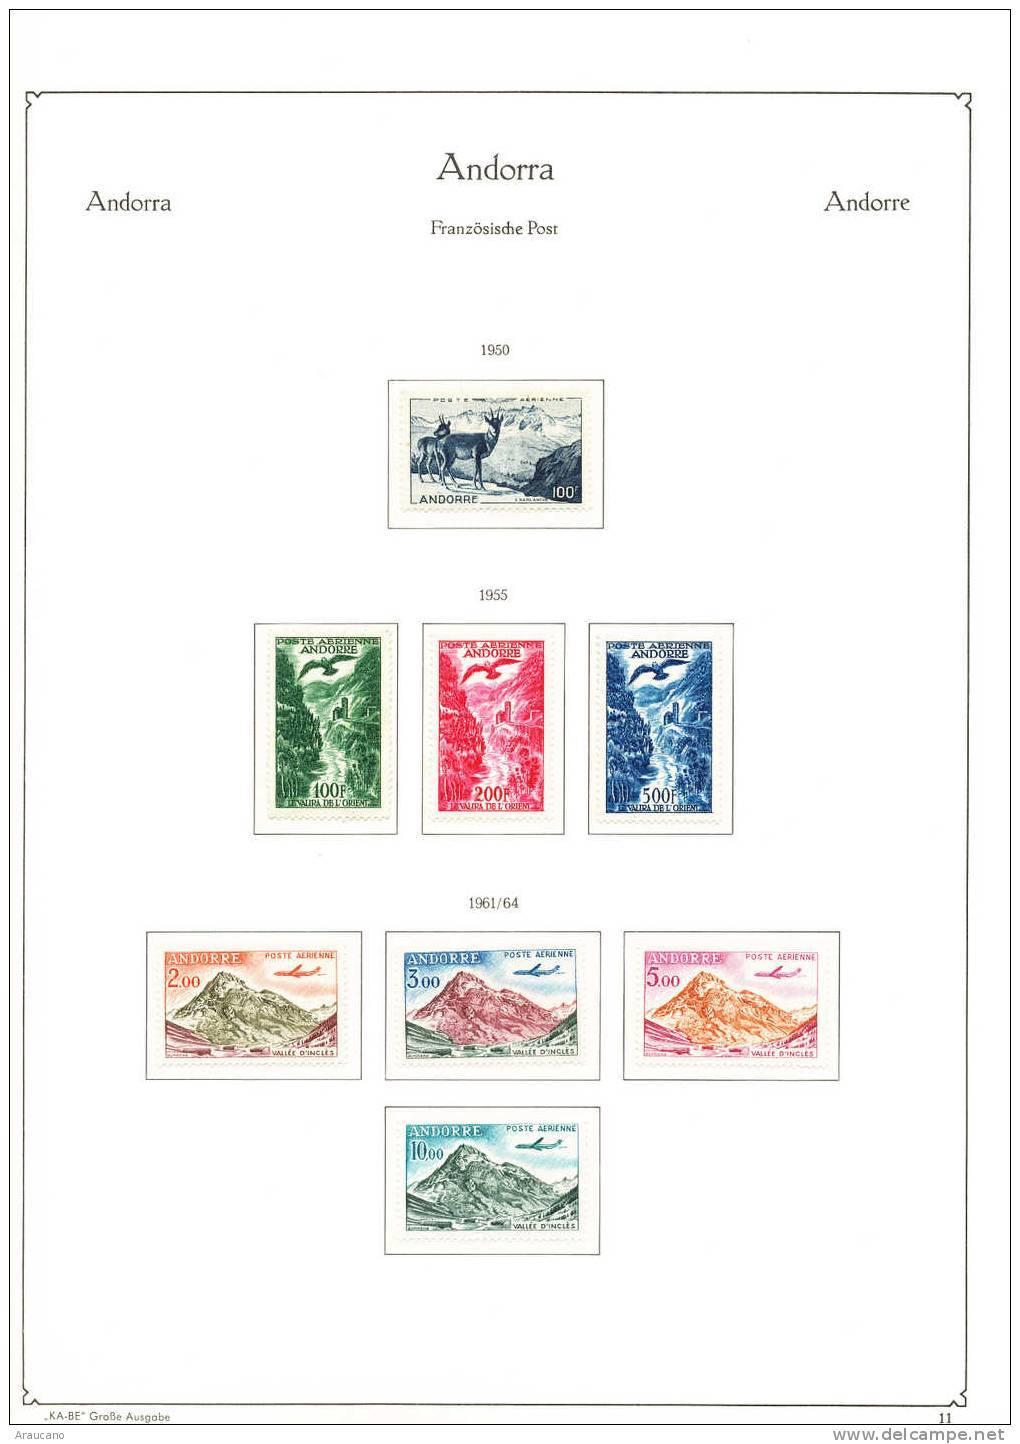 ALBUM  ANDORRA  FRANCESA - DE COLECCIONISTA - OPORTUNIDAD UNICA -1931-2000 - Colecciones